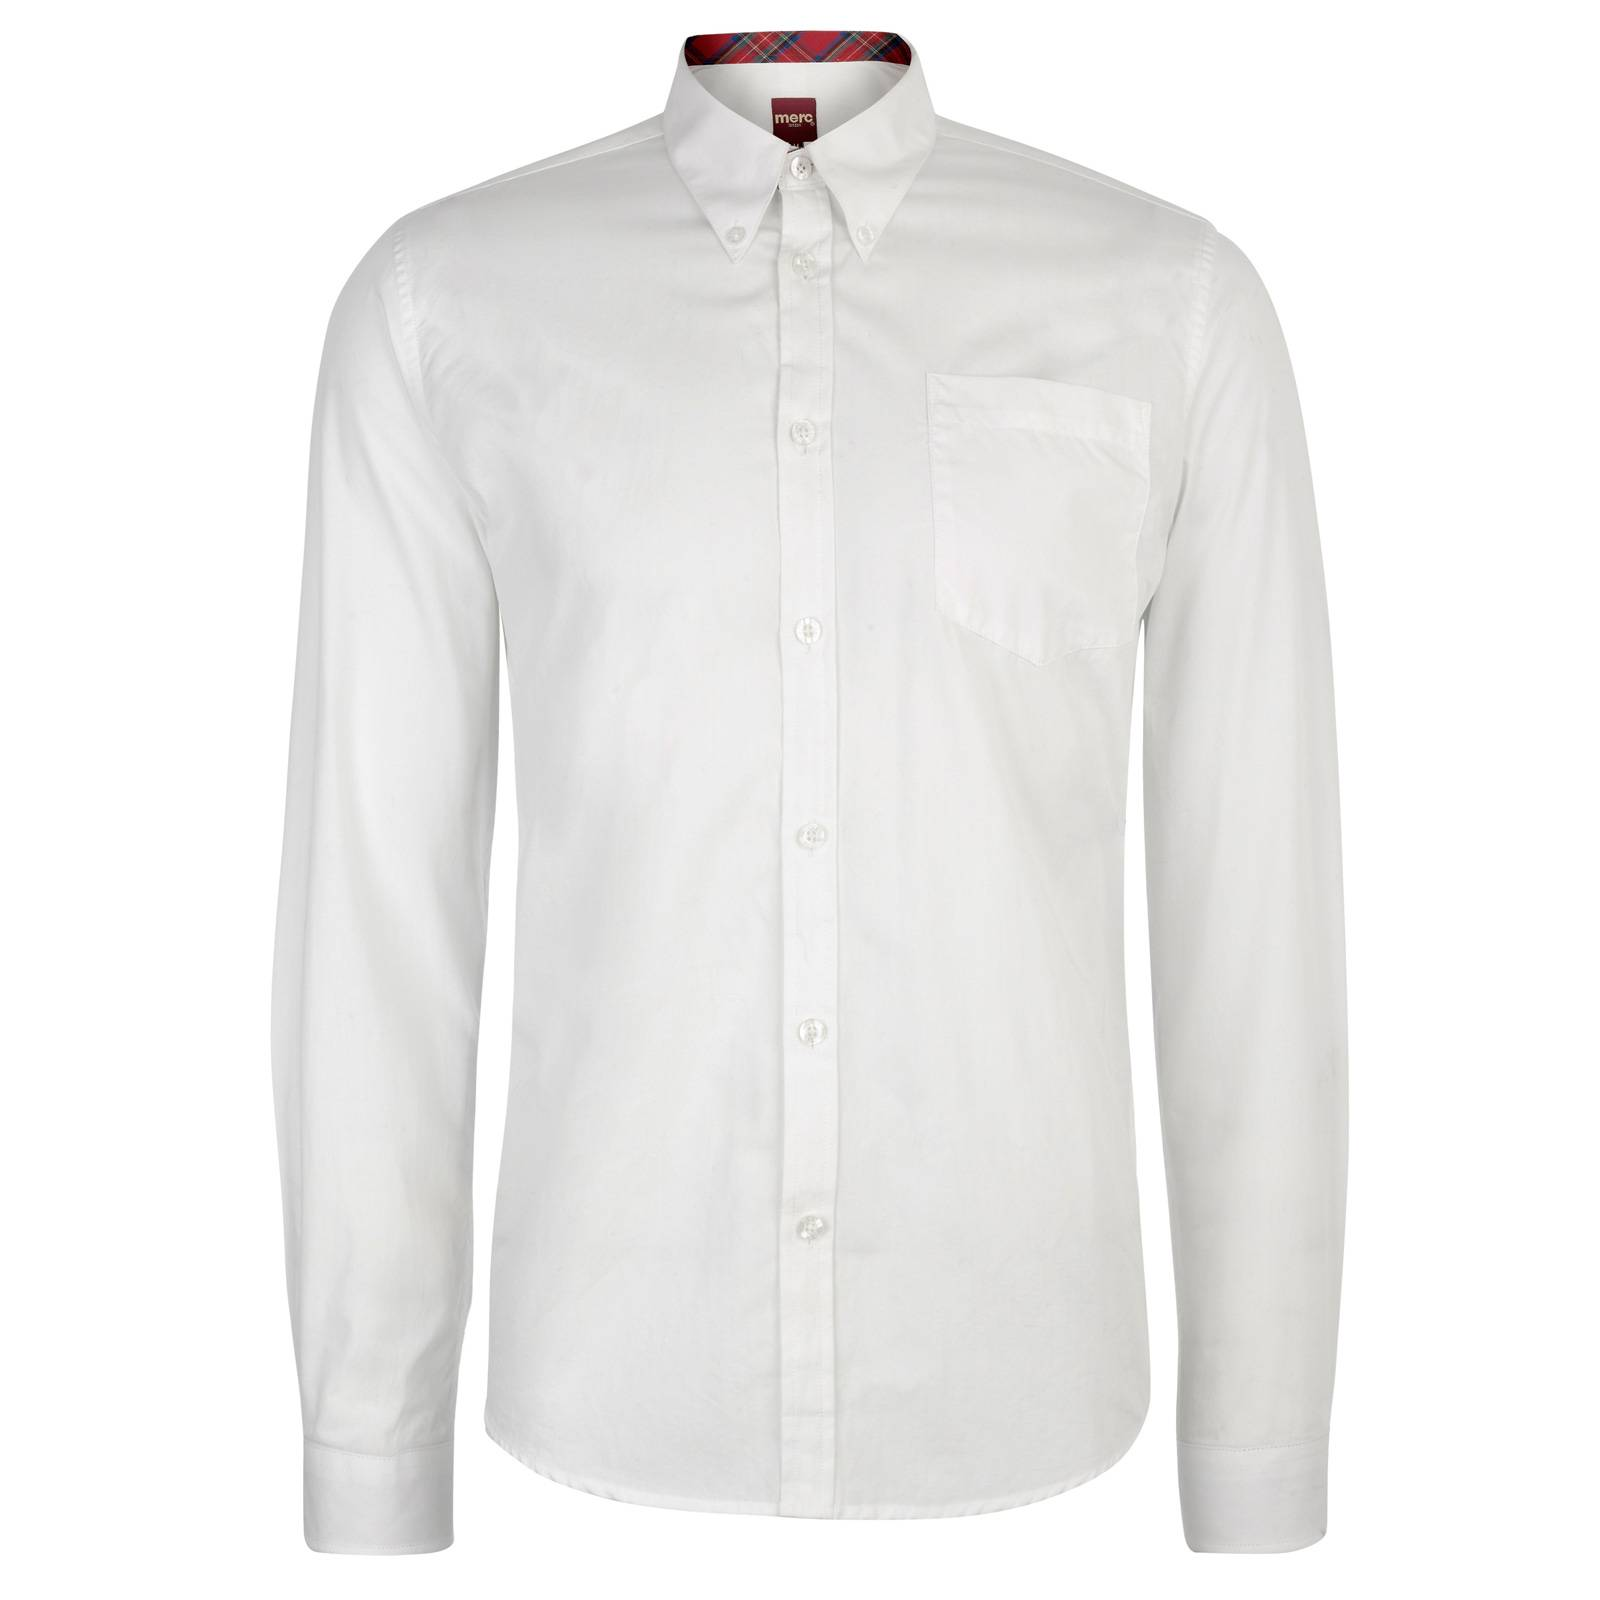 Рубашка AlbinCORE<br>Классическая однотонная рубашка приталенного фасона из легкого хлопкового материала. Традиционный воротник типа button-down пристегнут к основанию рубашки на пуговицы, что позволяет красиво сочетать ее с V-образным вырезом трикотажных изделий или пиджаком, не повязывая галстук. &amp;lt;br /&amp;gt;<br>&amp;lt;br /&amp;gt;<br>Манжеты изнутри украшены традиционным для британского стиля клетчатым узором &amp;amp;quot;тартан&amp;amp;quot;, превращающим эту рубашку из строгой в неформальную, если закатать рукава за кружечкой стаута в пабе после рабочего дня. Аналогичной тканью декорирована и внутренняя часть воротника - заметная искушенному глазу приятная контрастная деталь при расстегнутой верхней пуговице.&amp;lt;br /&amp;gt;<br>&amp;lt;br /&amp;gt;<br>Можно заправлять в брюки или носить на выпуск, чему способствует фигурный низ сорочки.<br><br>Артикул: 1506301<br>Материал: 100% хлопок<br>Цвет: белый<br>Пол: Мужской